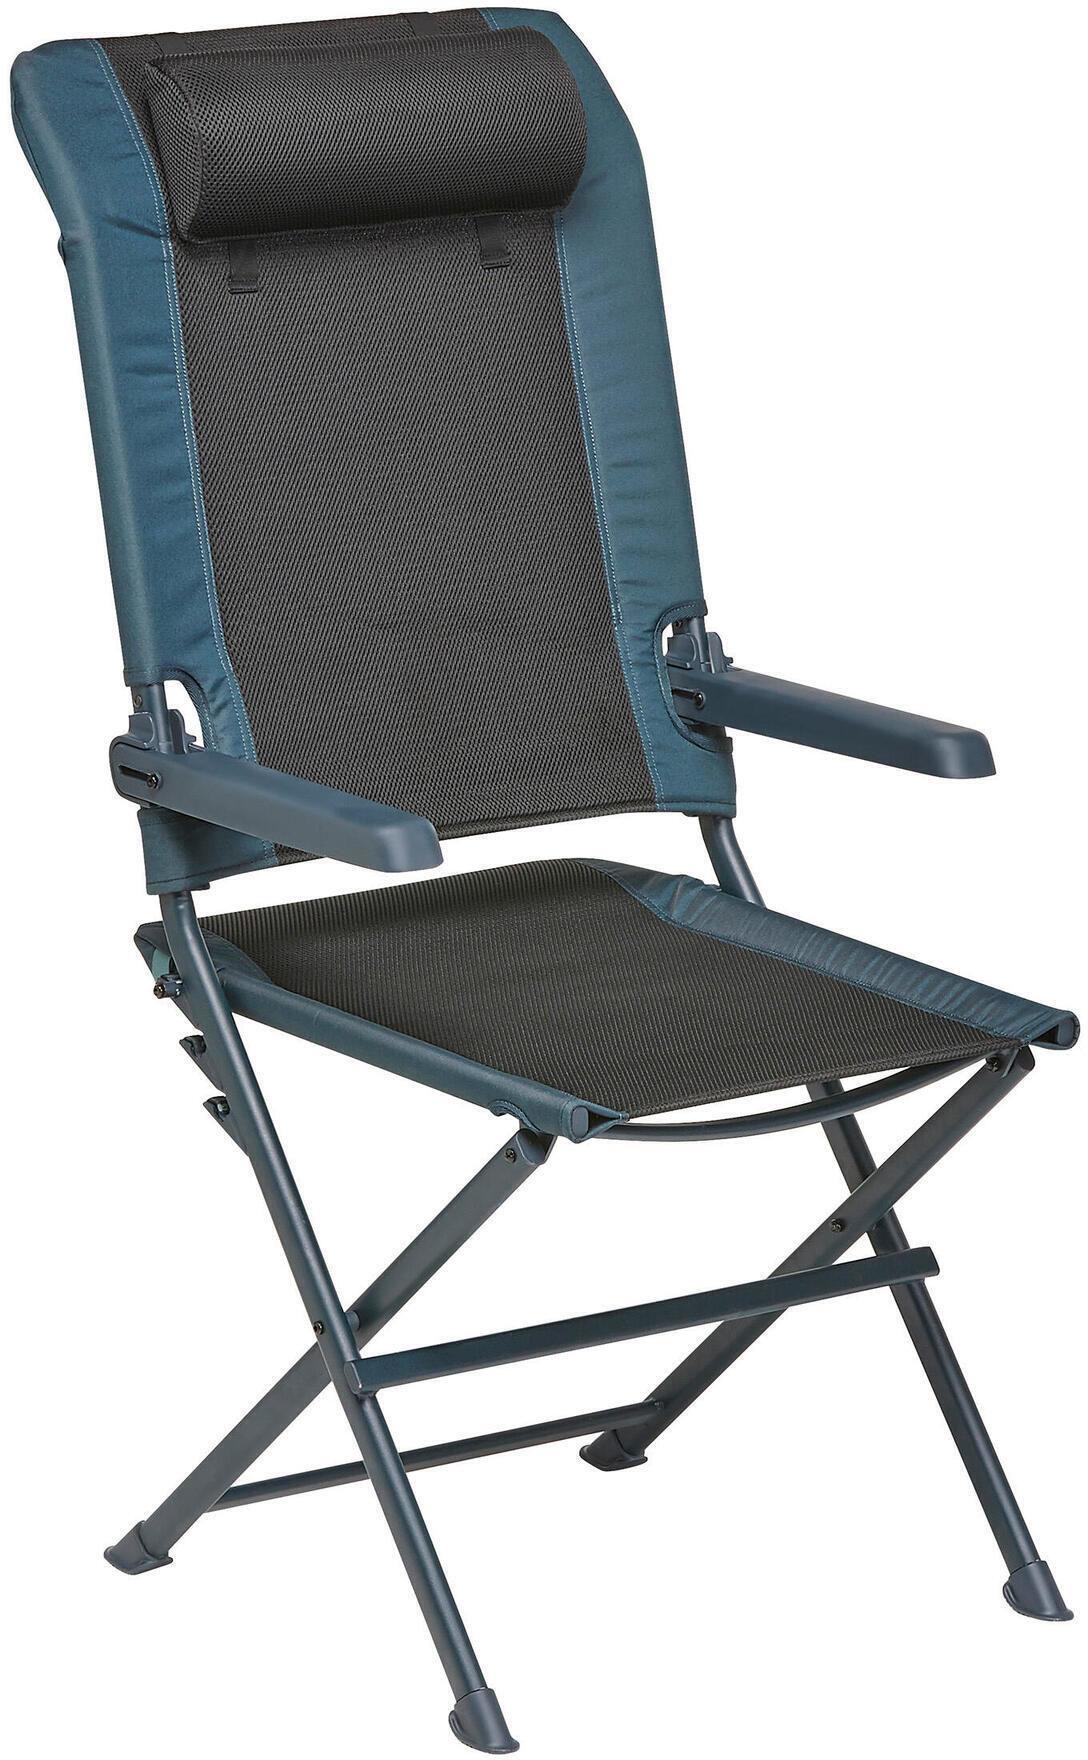 Fotel wielopozycyjny kempingowy - Chill Meal